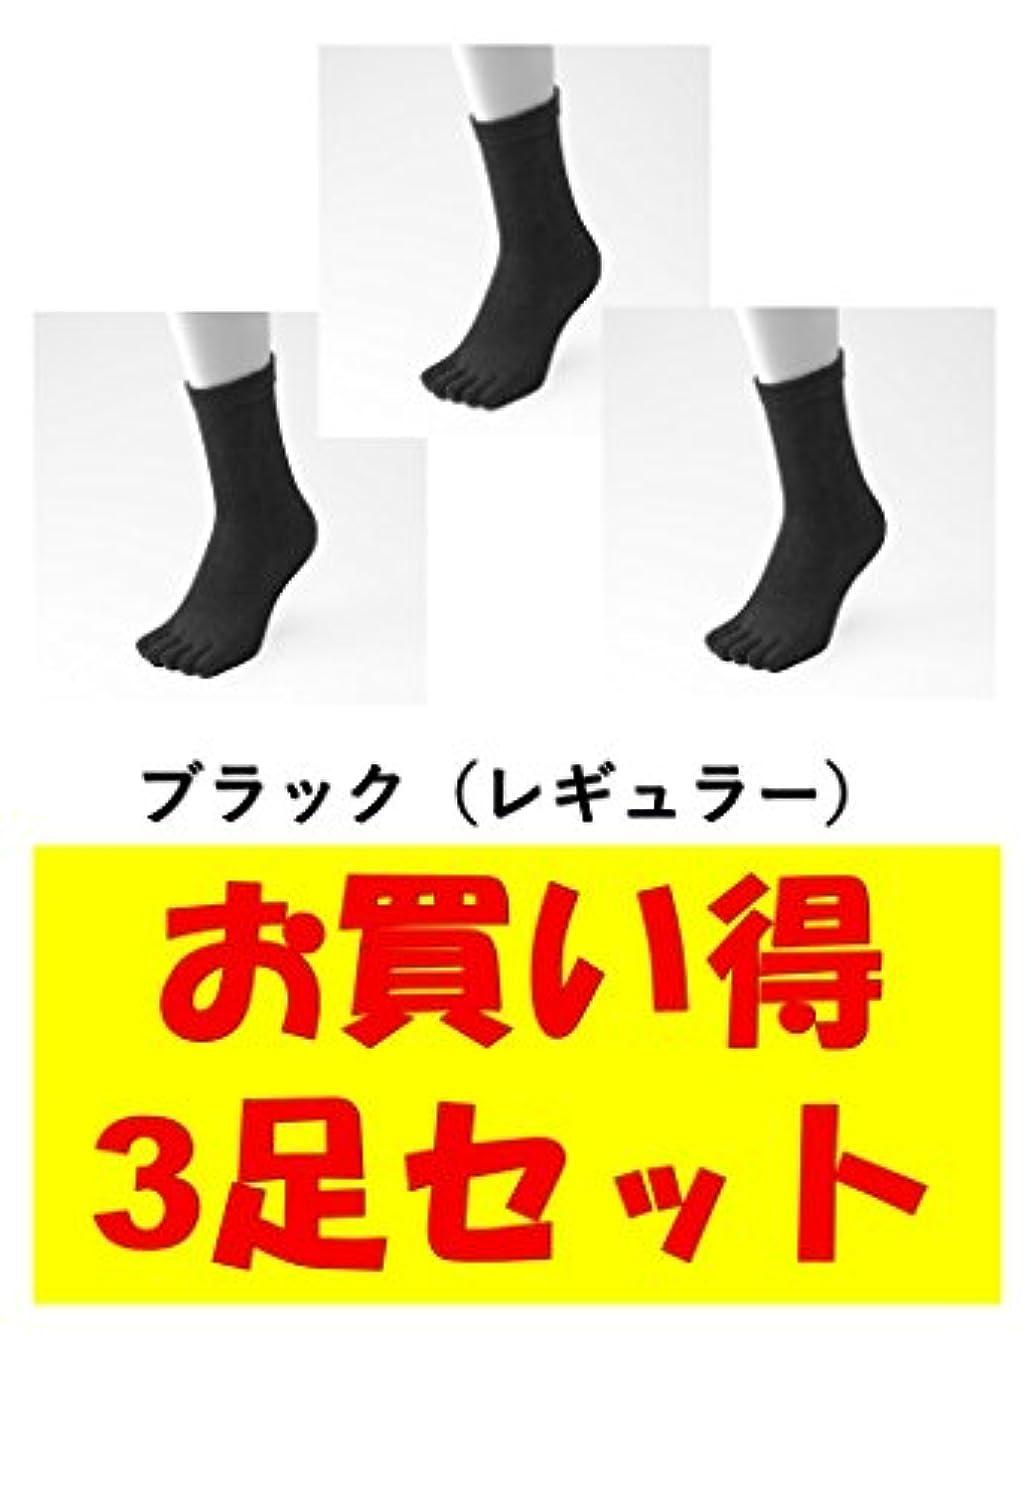 プランター政府トライアスロンお買い得3足セット 5本指 ゆびのばソックス ゆびのばレギュラー ブラック 男性用 25.5cm-28.0cm HSREGR-BLK